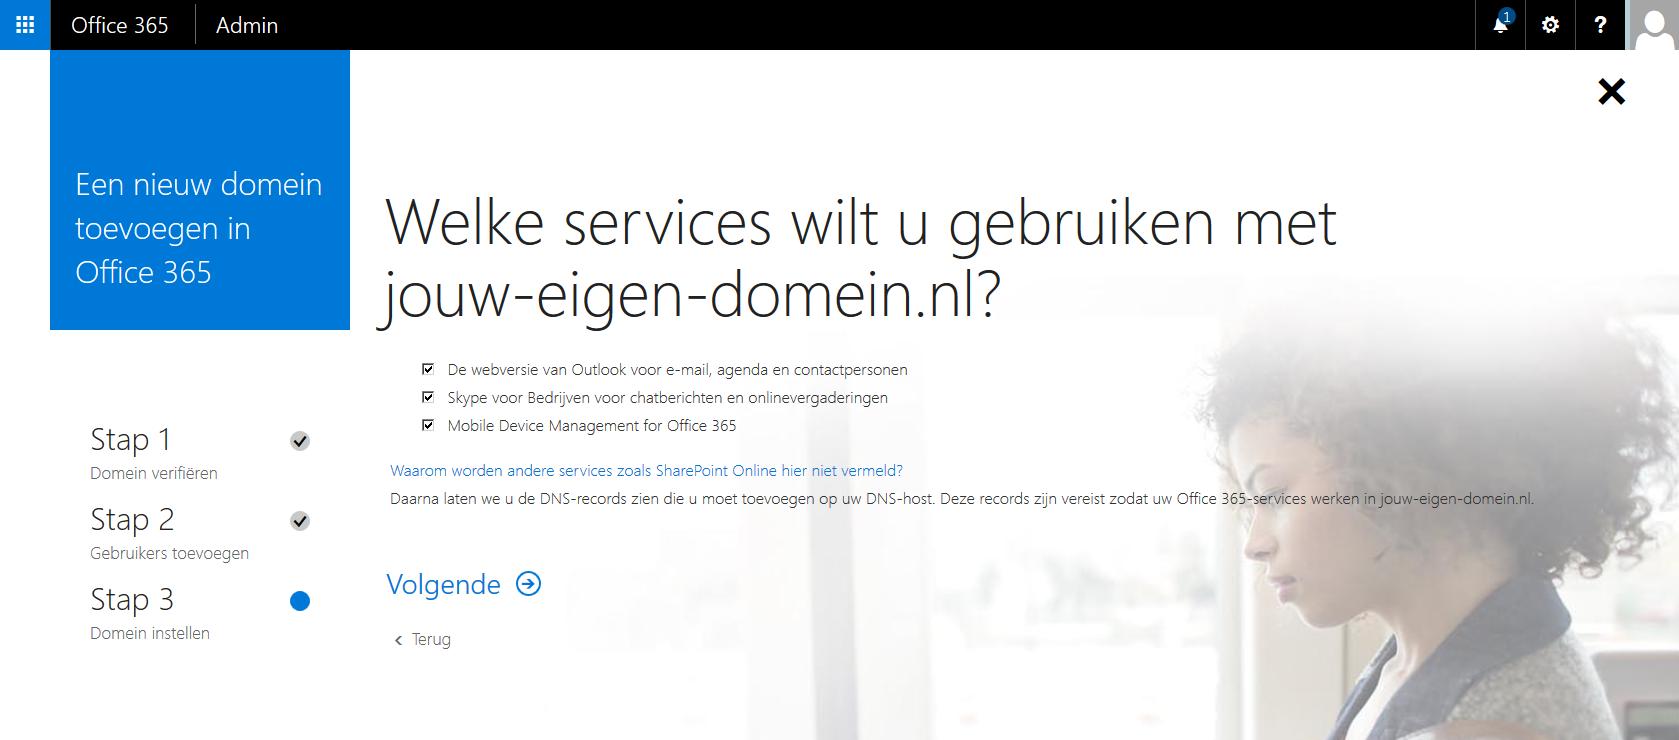 Hoe kan ik beginnen met Office 365 na aanschaf van de licentie?